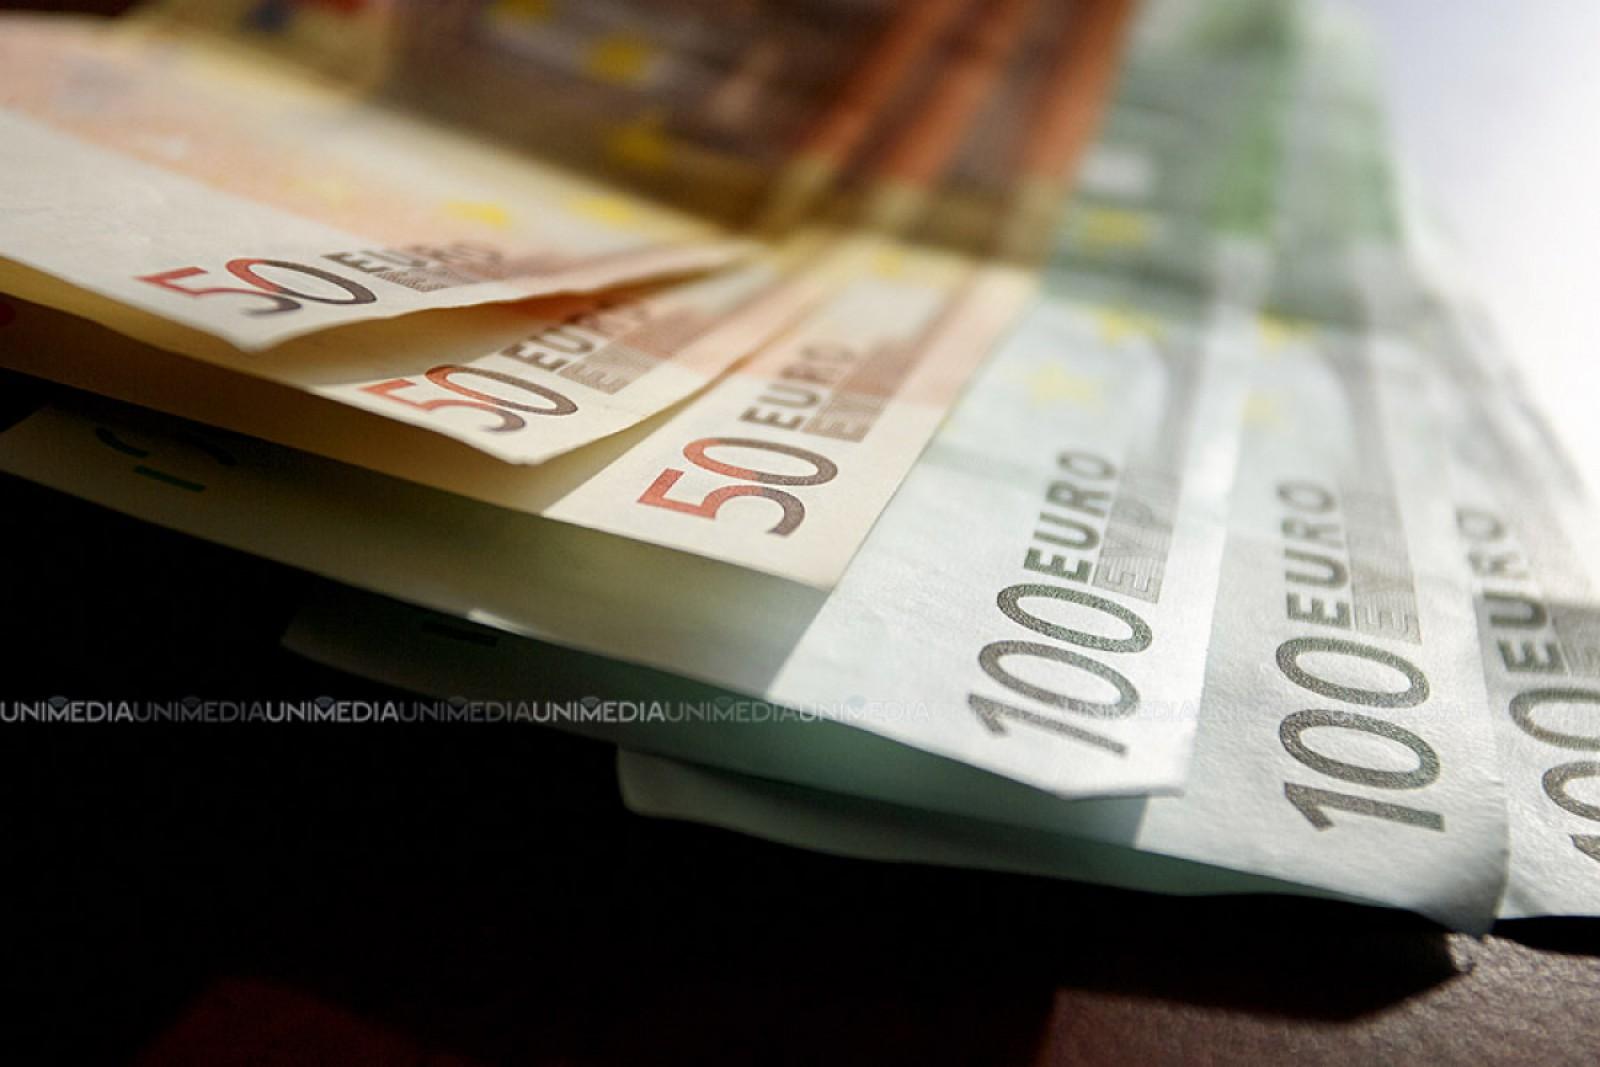 Ce se întâmplă cu Euro? Factorii ce stau la baza deprecierii acestei valute